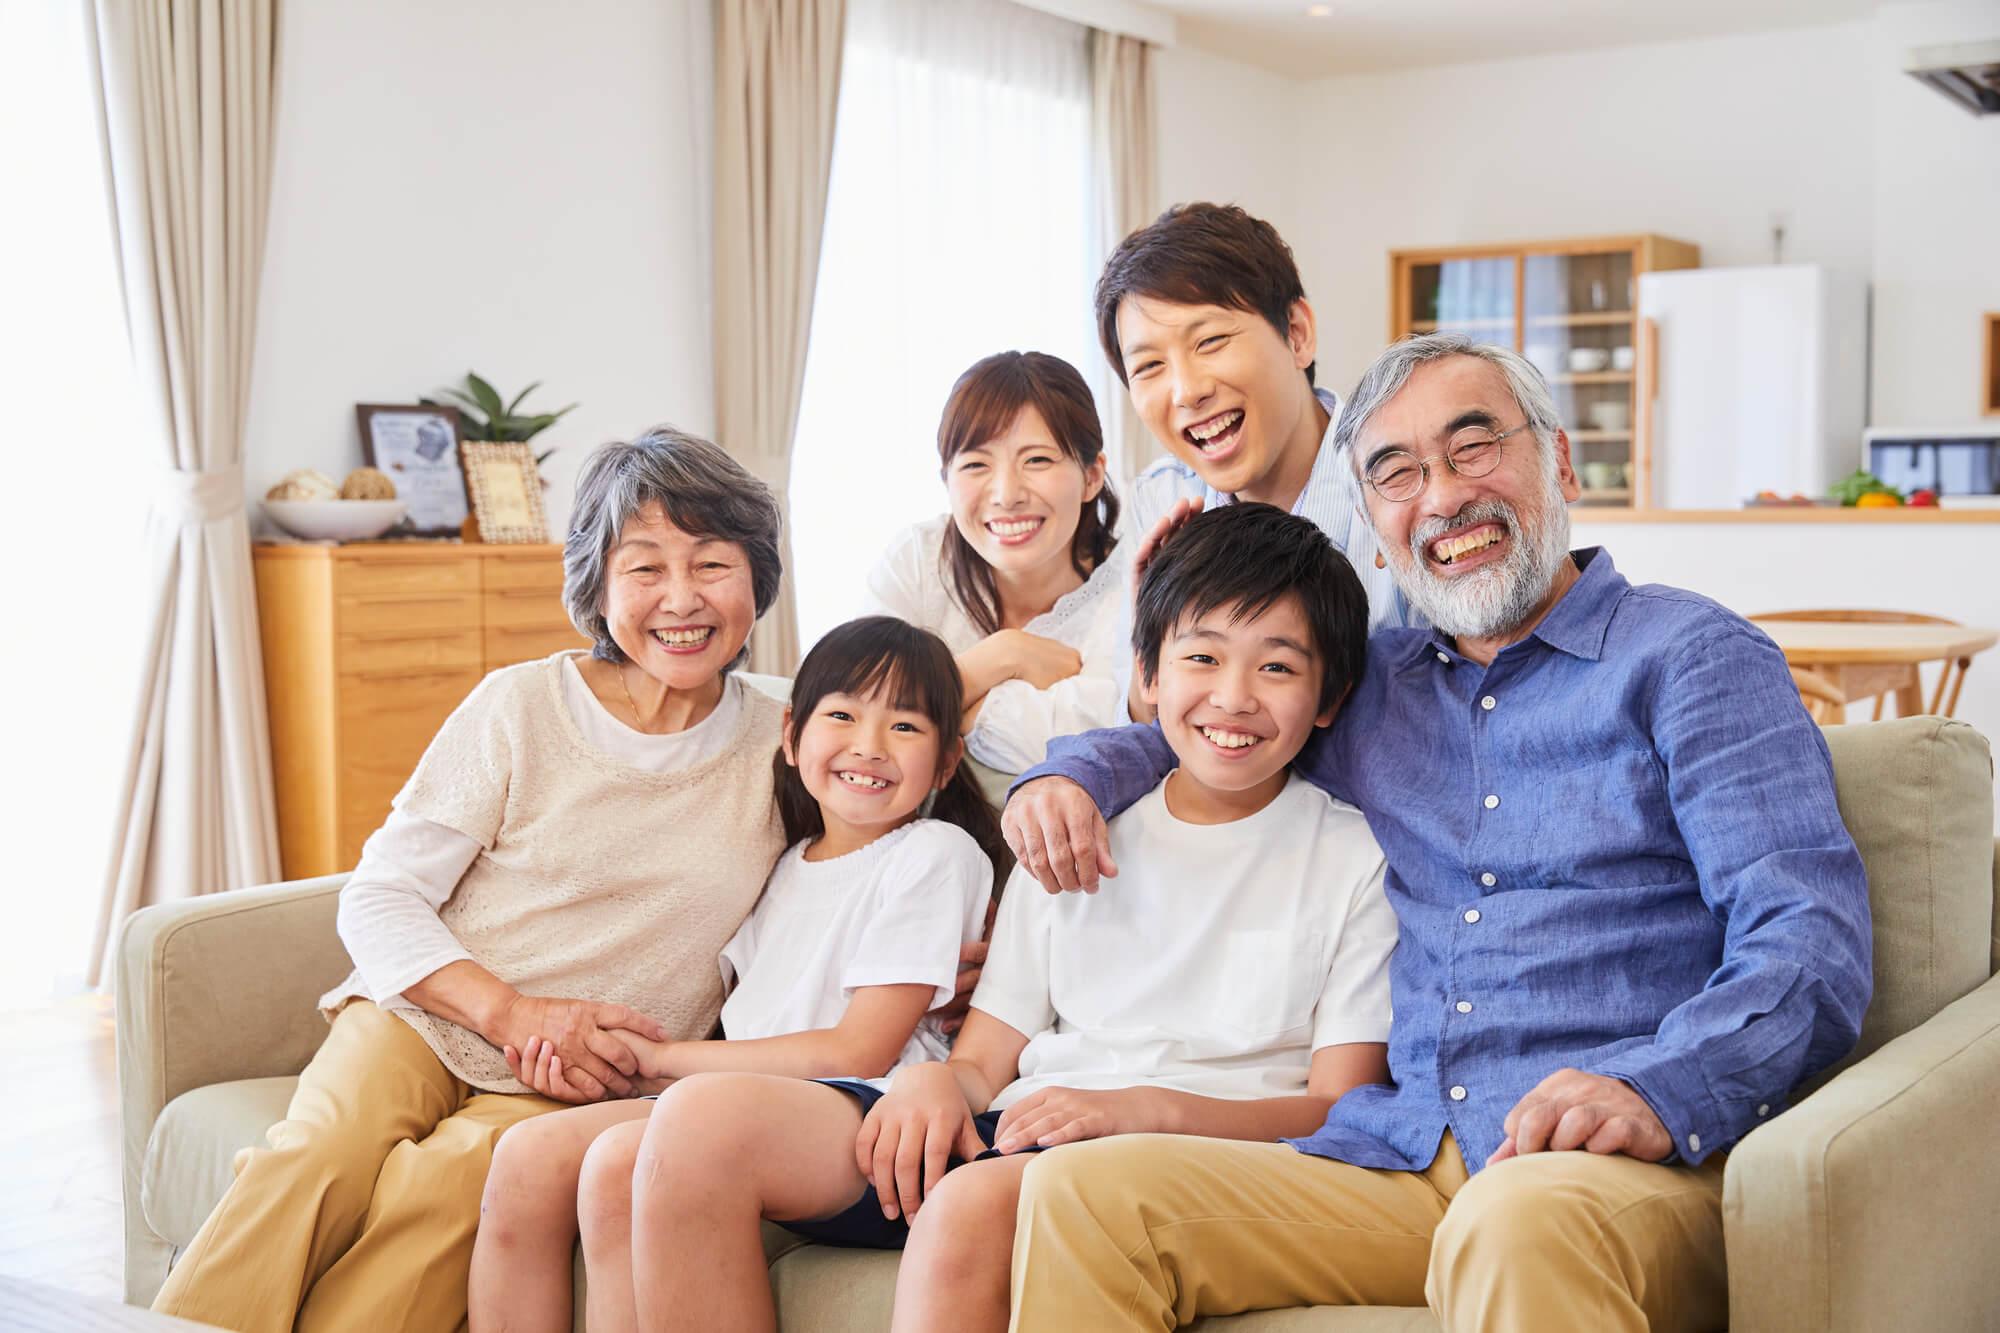 仲の良い親子三世代の家族